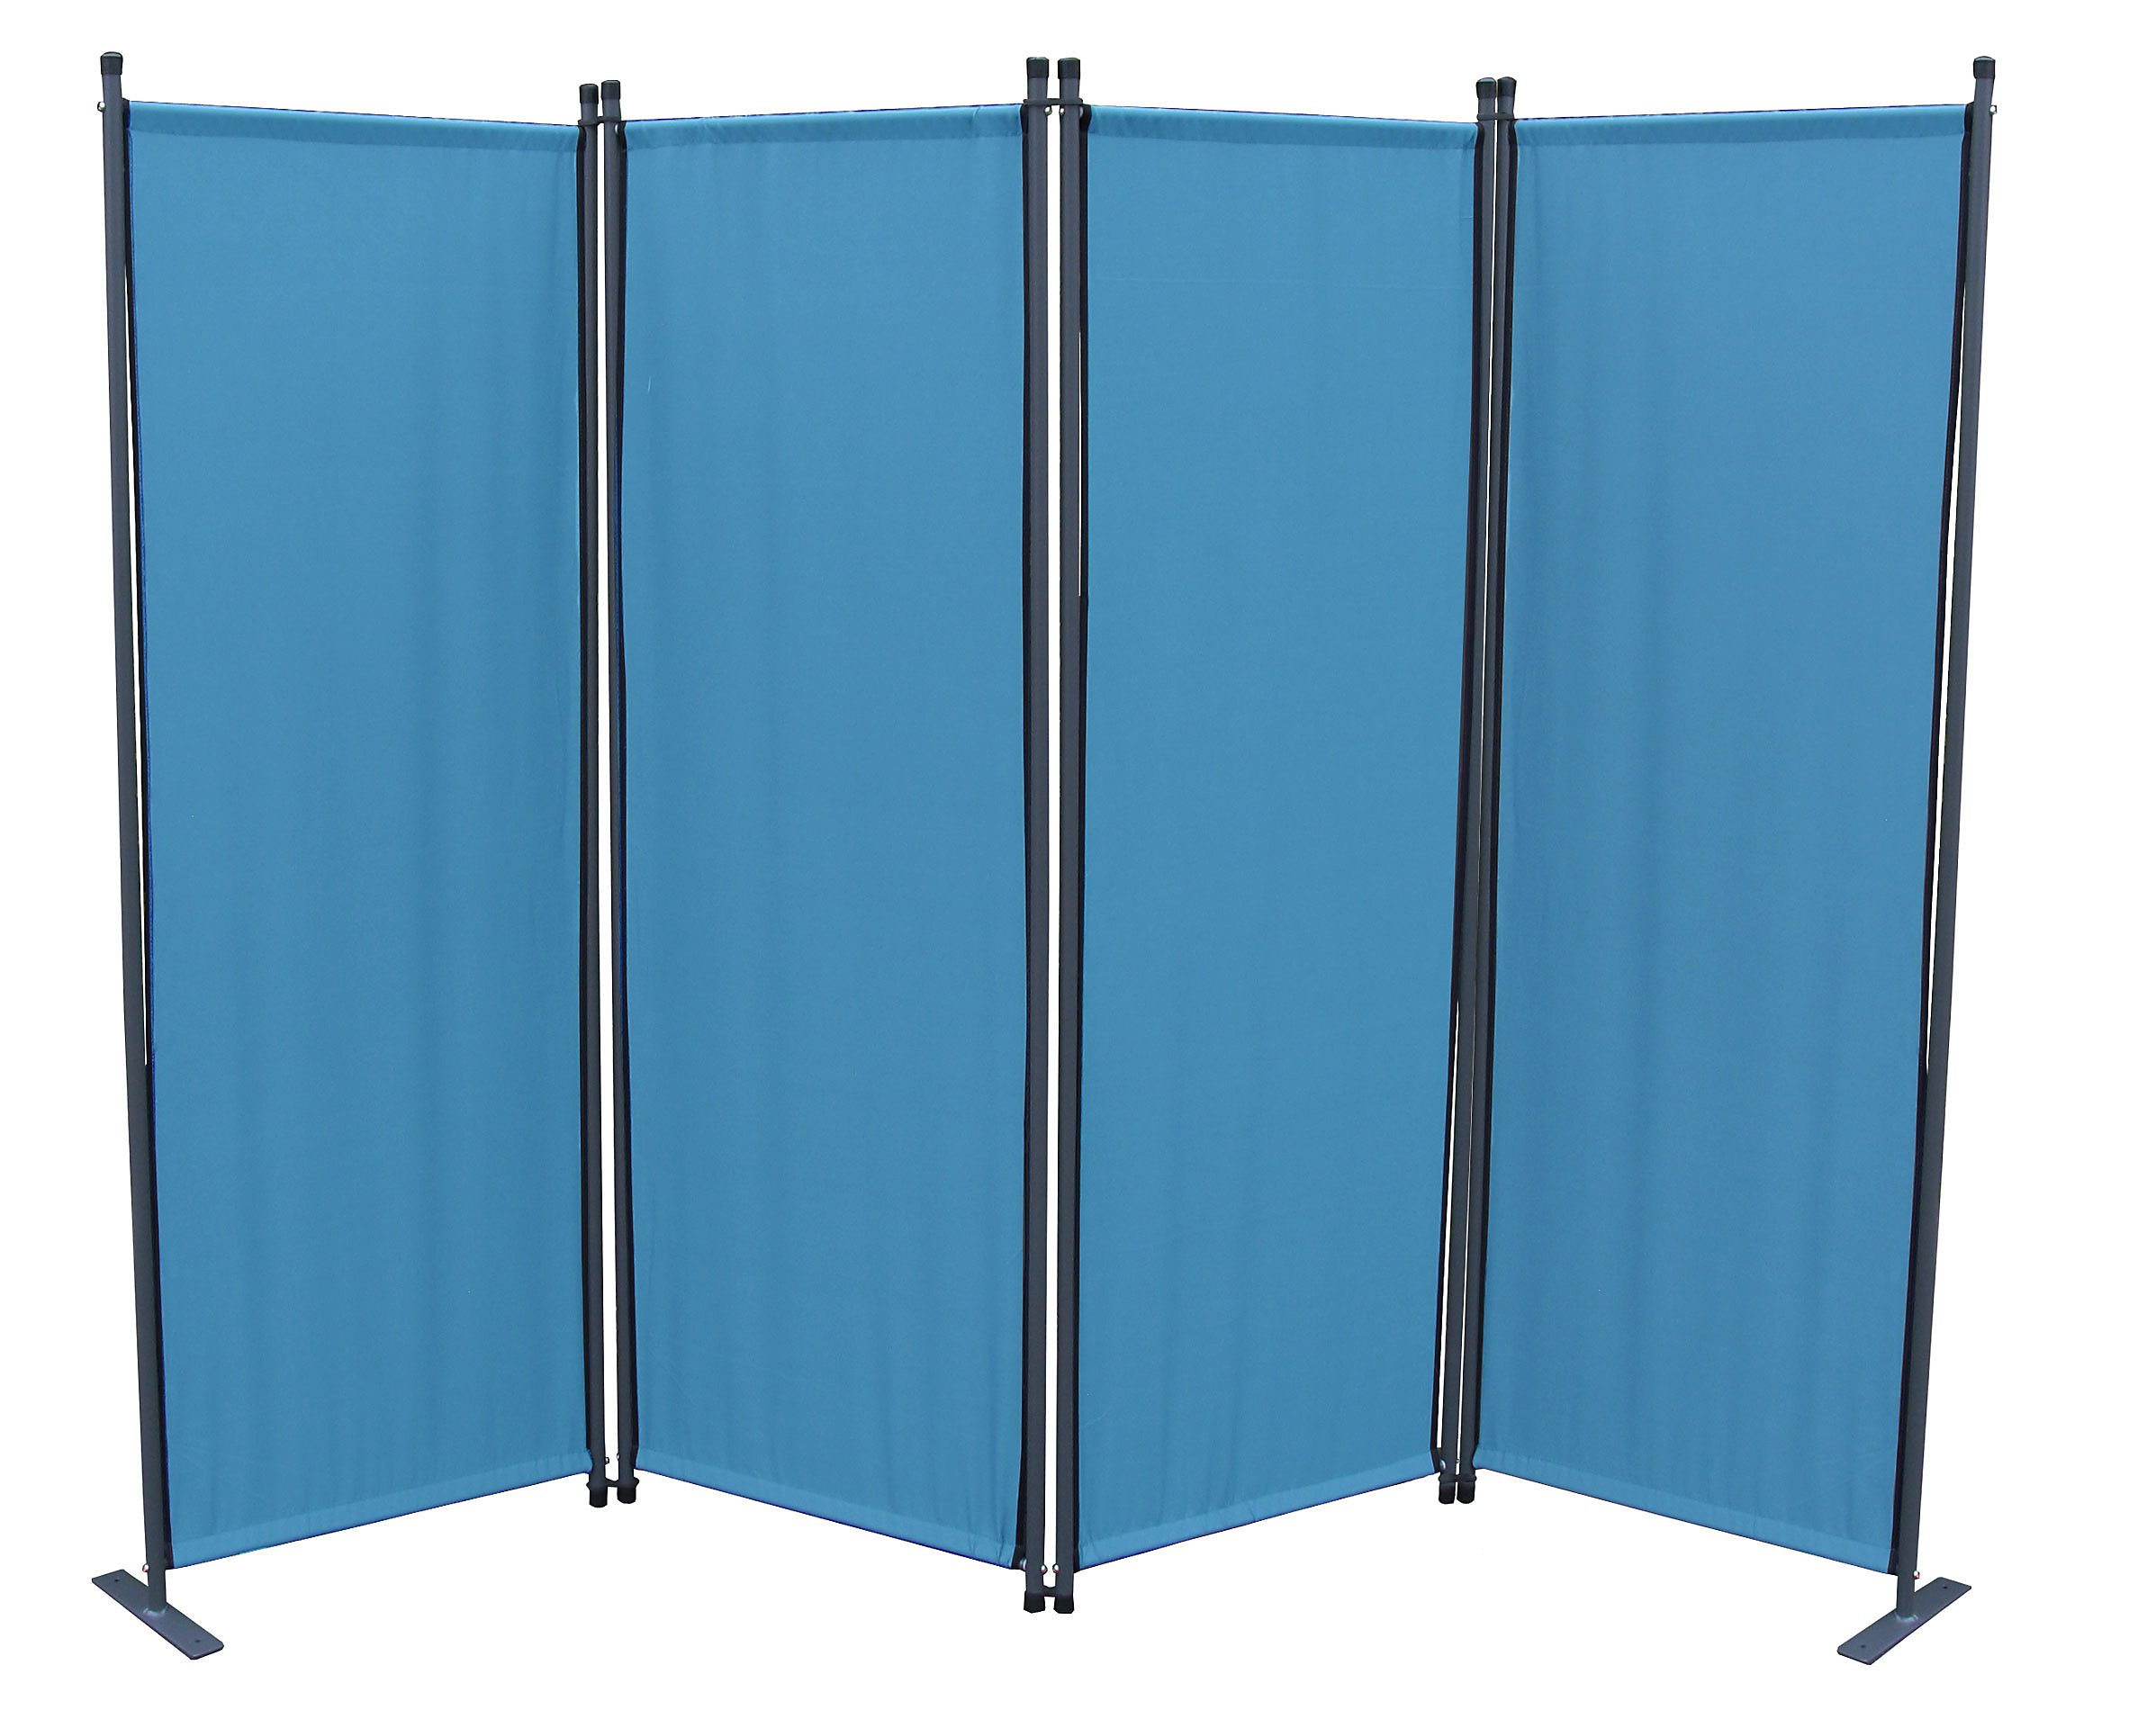 Grasekamp Paravent 4tlg Raumteiler Trennwand Sichtschutz Meerblau